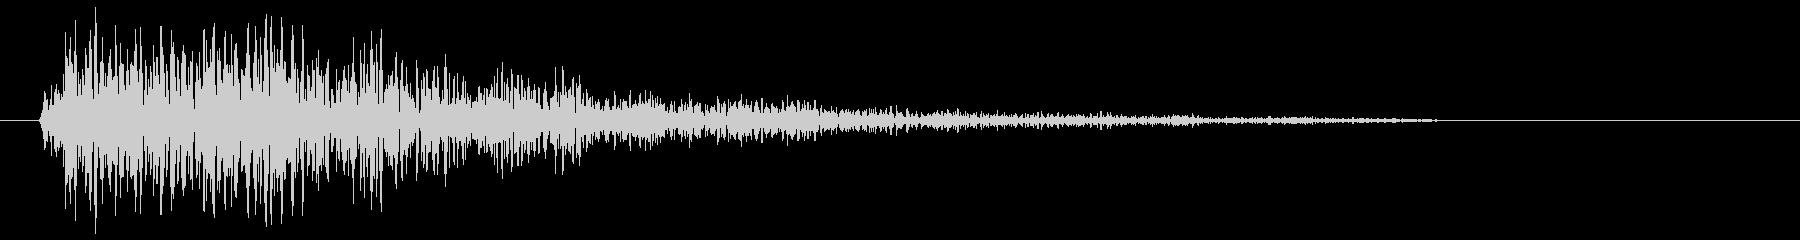 カーンという金属の音の未再生の波形